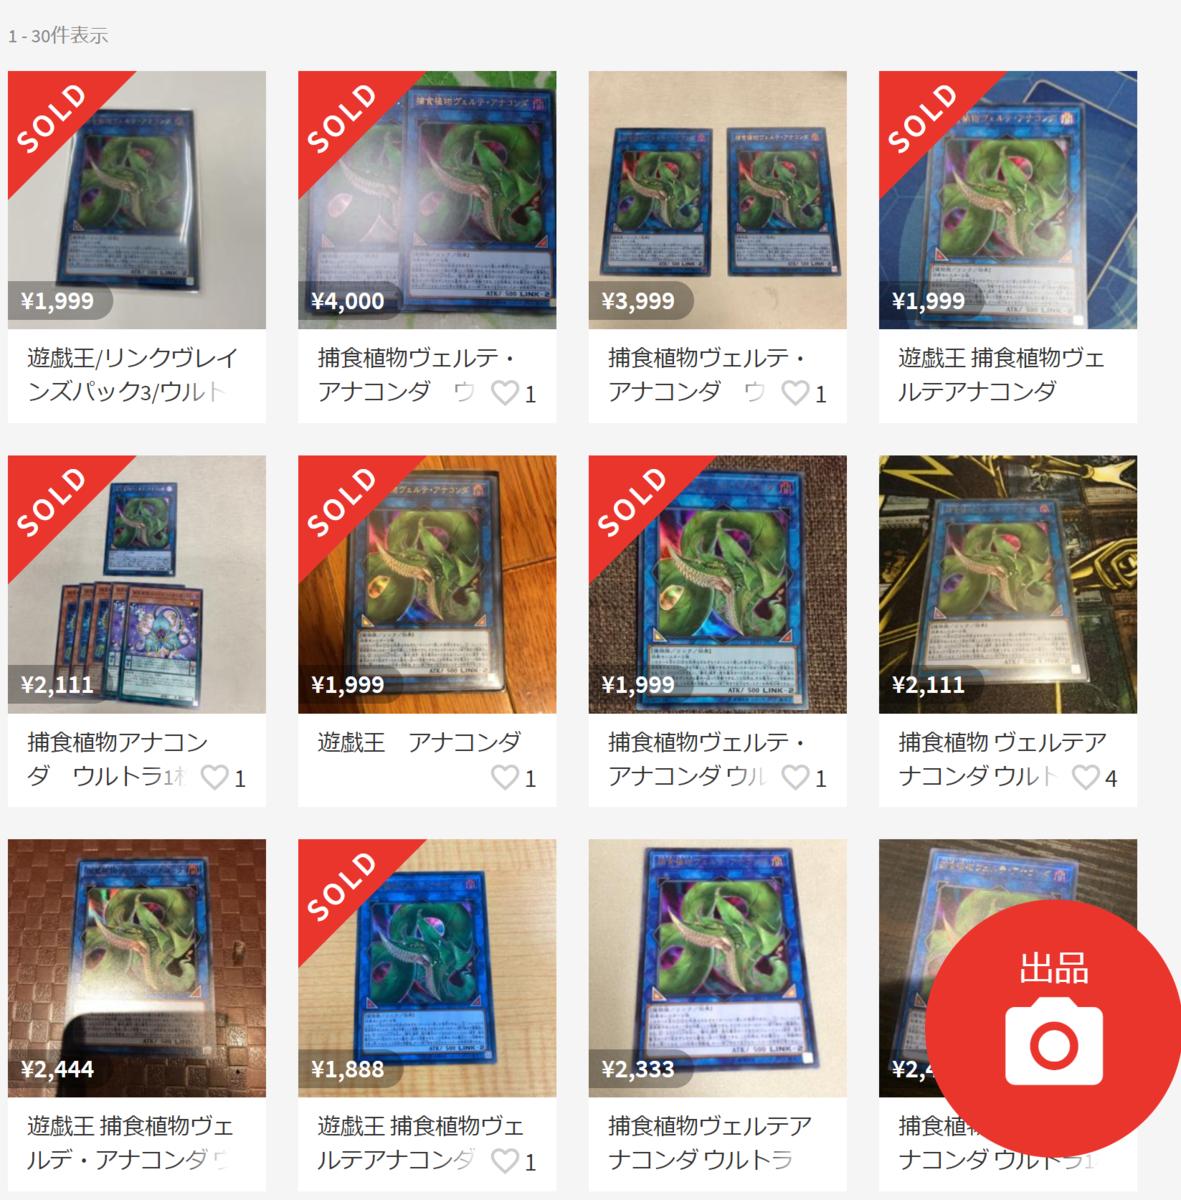 【《捕食植物ヴェルテ・アナコンダ》の相場は?】初動価格やネット通販の価格を紹介&考察!